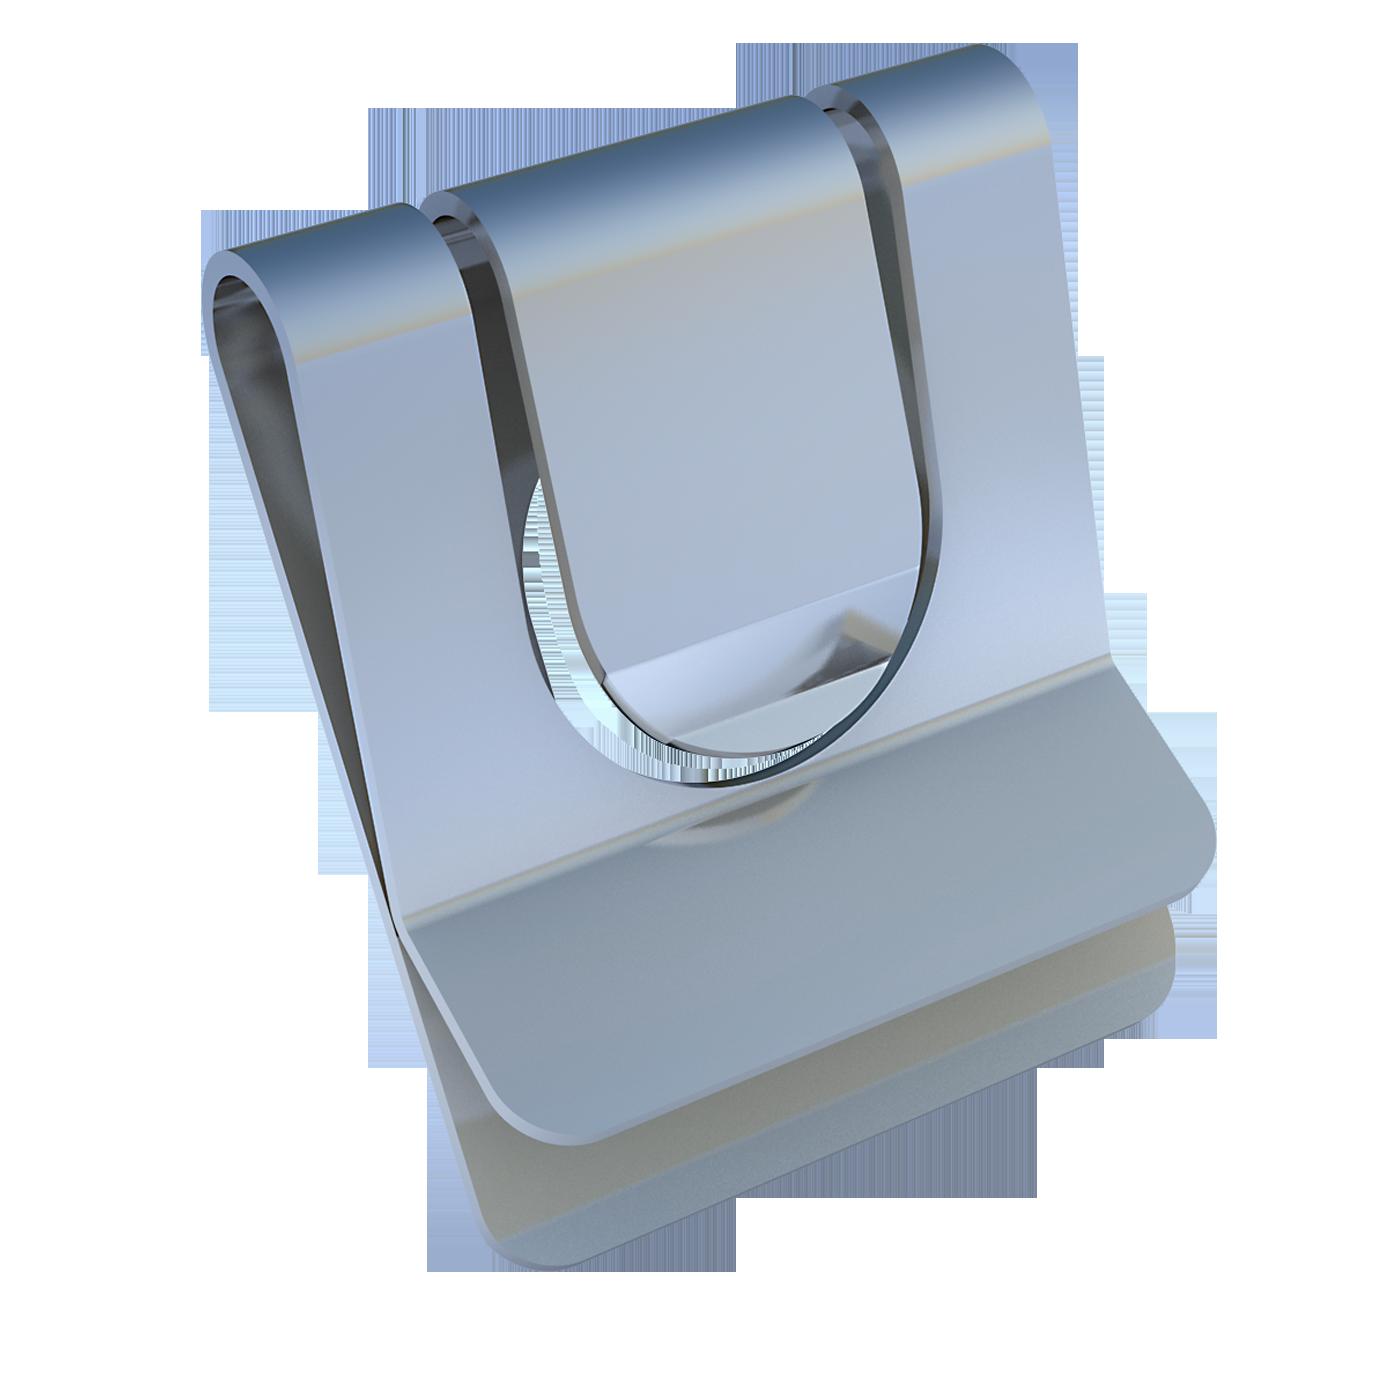 mbo Oßwald ist Anbieter von Bajonett-Clipsen, Bajonett-Clip für Bolzen und Wellen mit Nut, bzw. Einstich. Diese werden aus Federbandstahl hergestellt.